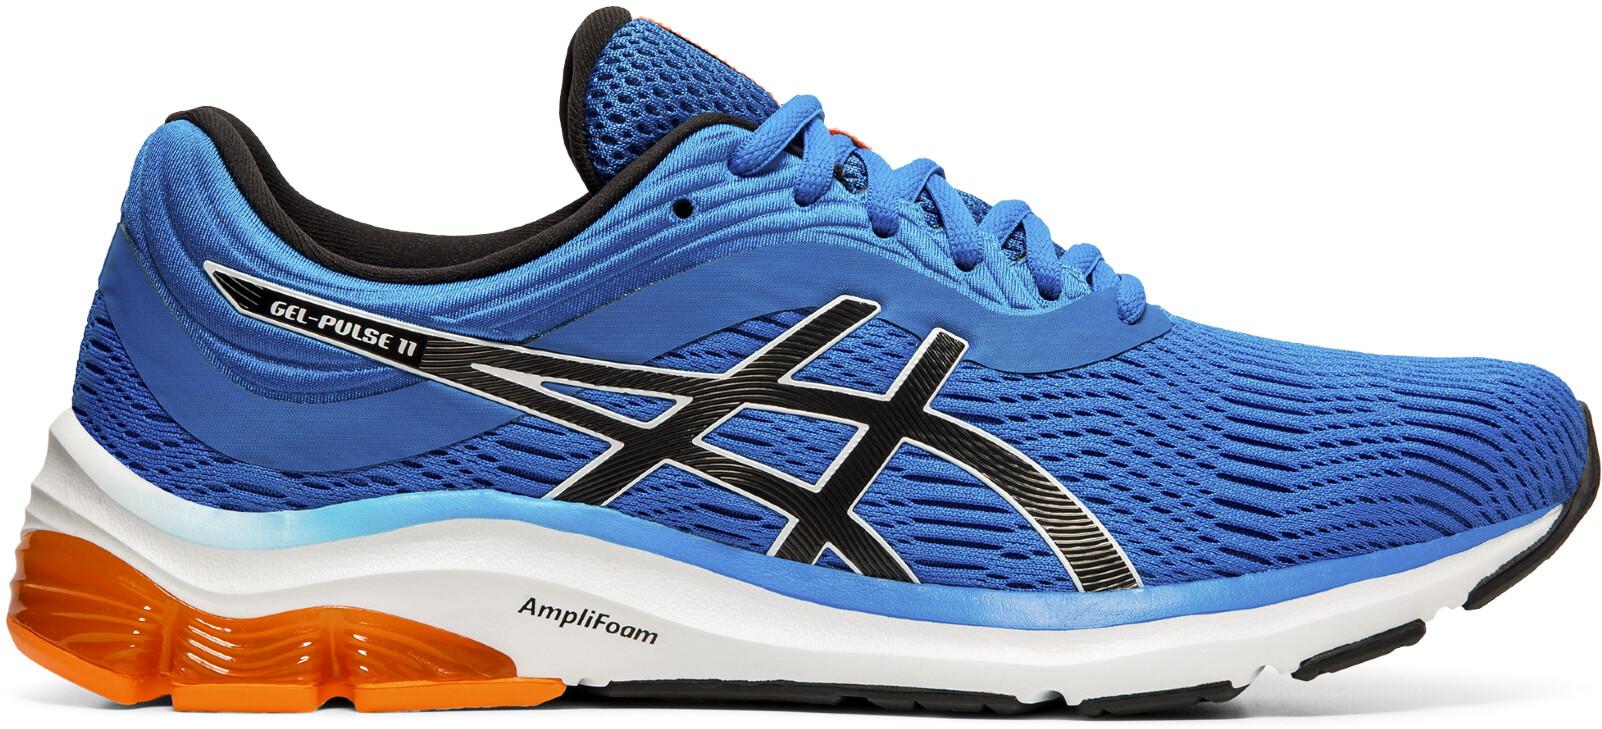 prix compétitif 240aa d2690 asics Gel-Pulse 11 Shoes Men directoire blue/white